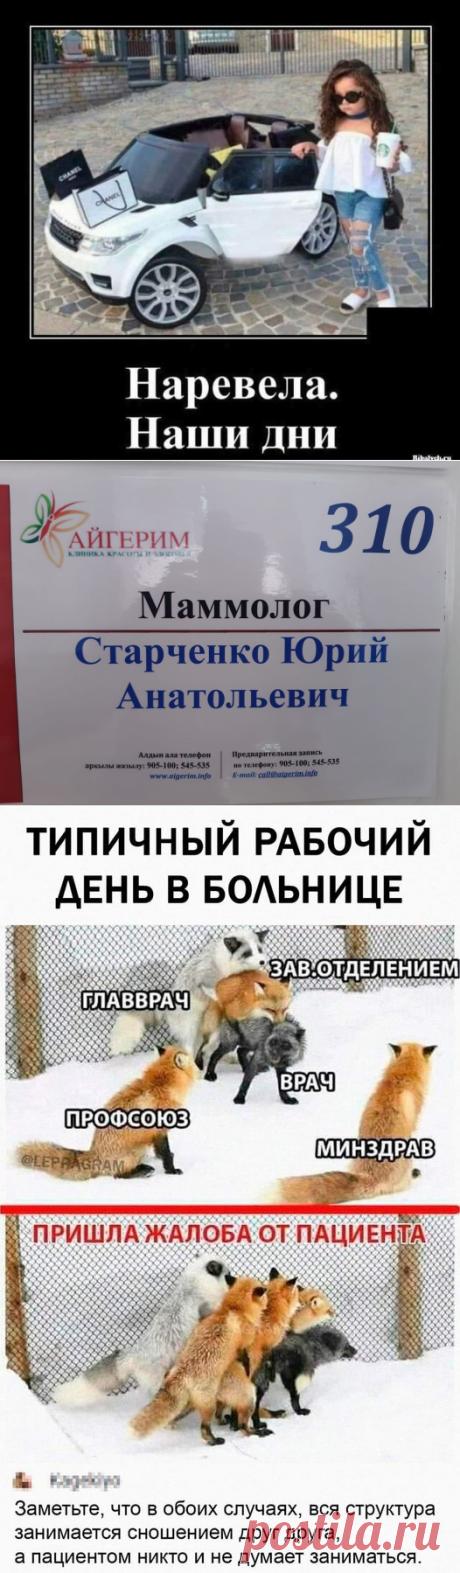 Юрий Старченко   Facebook